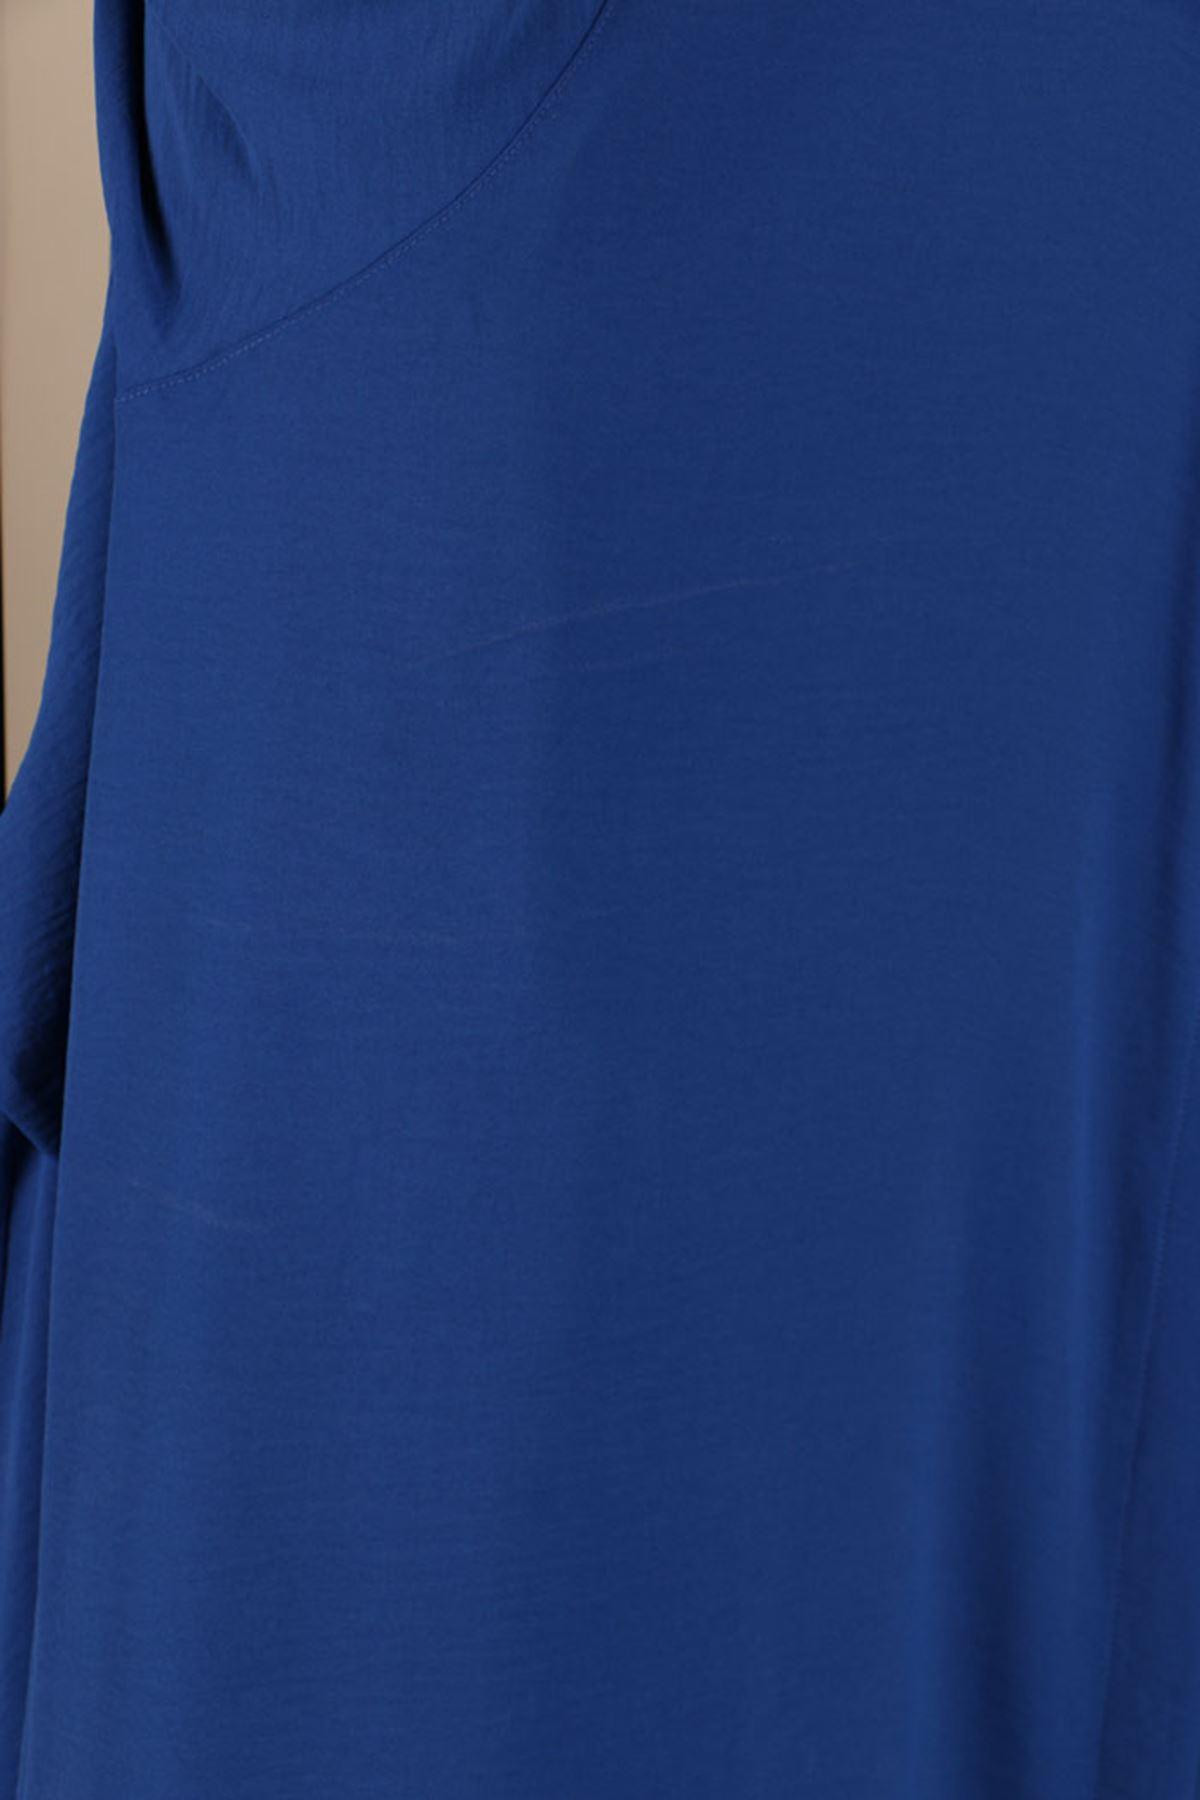 D-8225 Büyük Beden Defolu Gizli Düğmeli Airobin Mevlana Gömlek -Saks